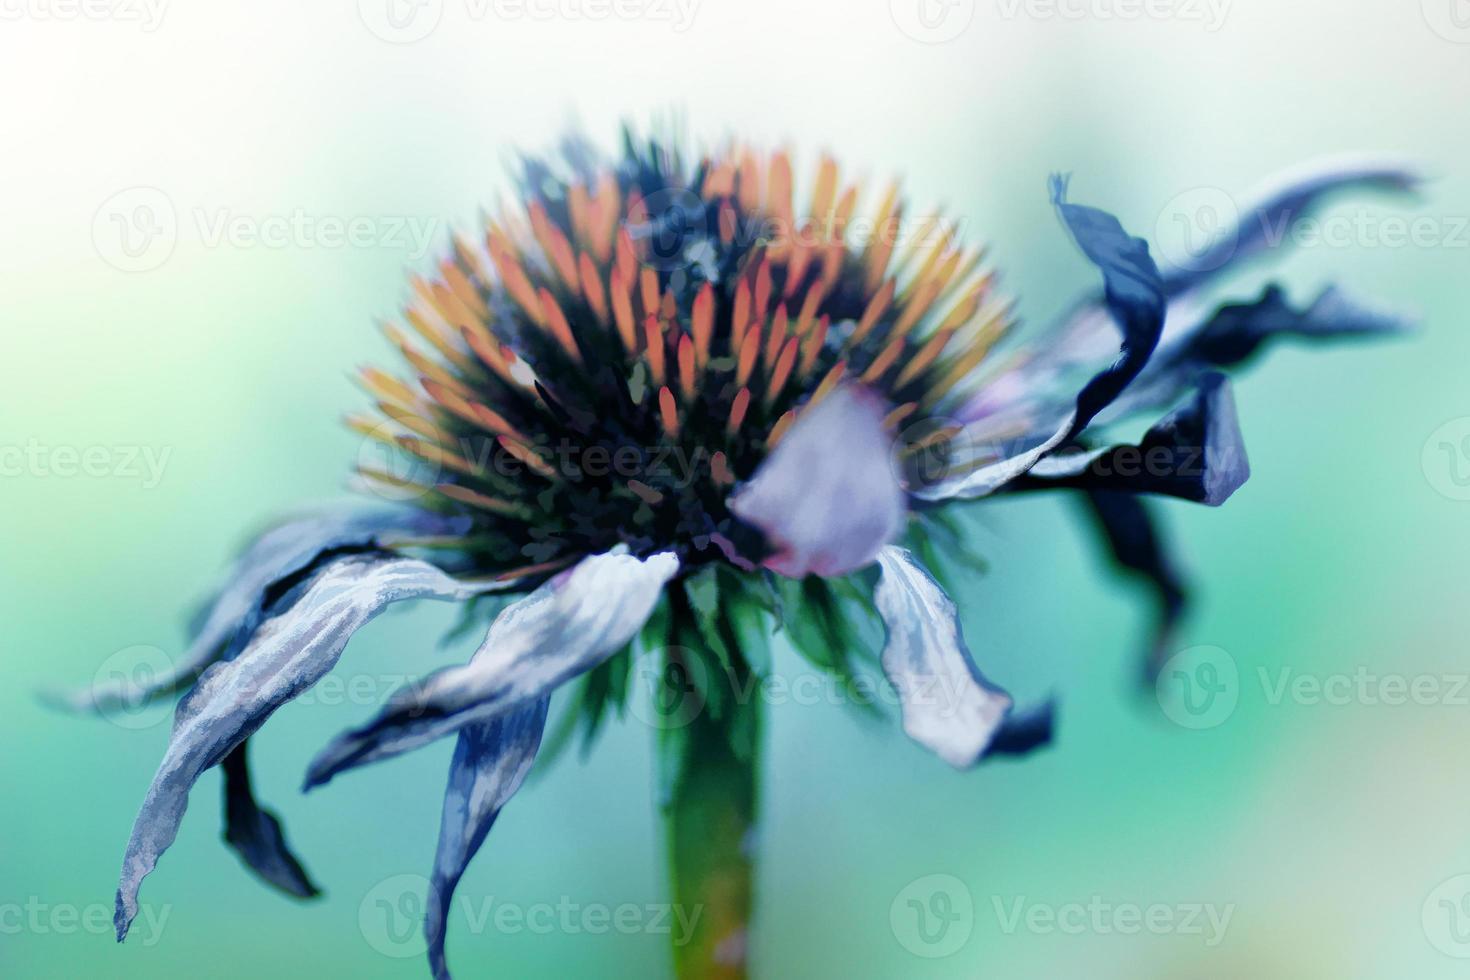 fiore secco di echinacea, pittura ad olio effetto artistico foto